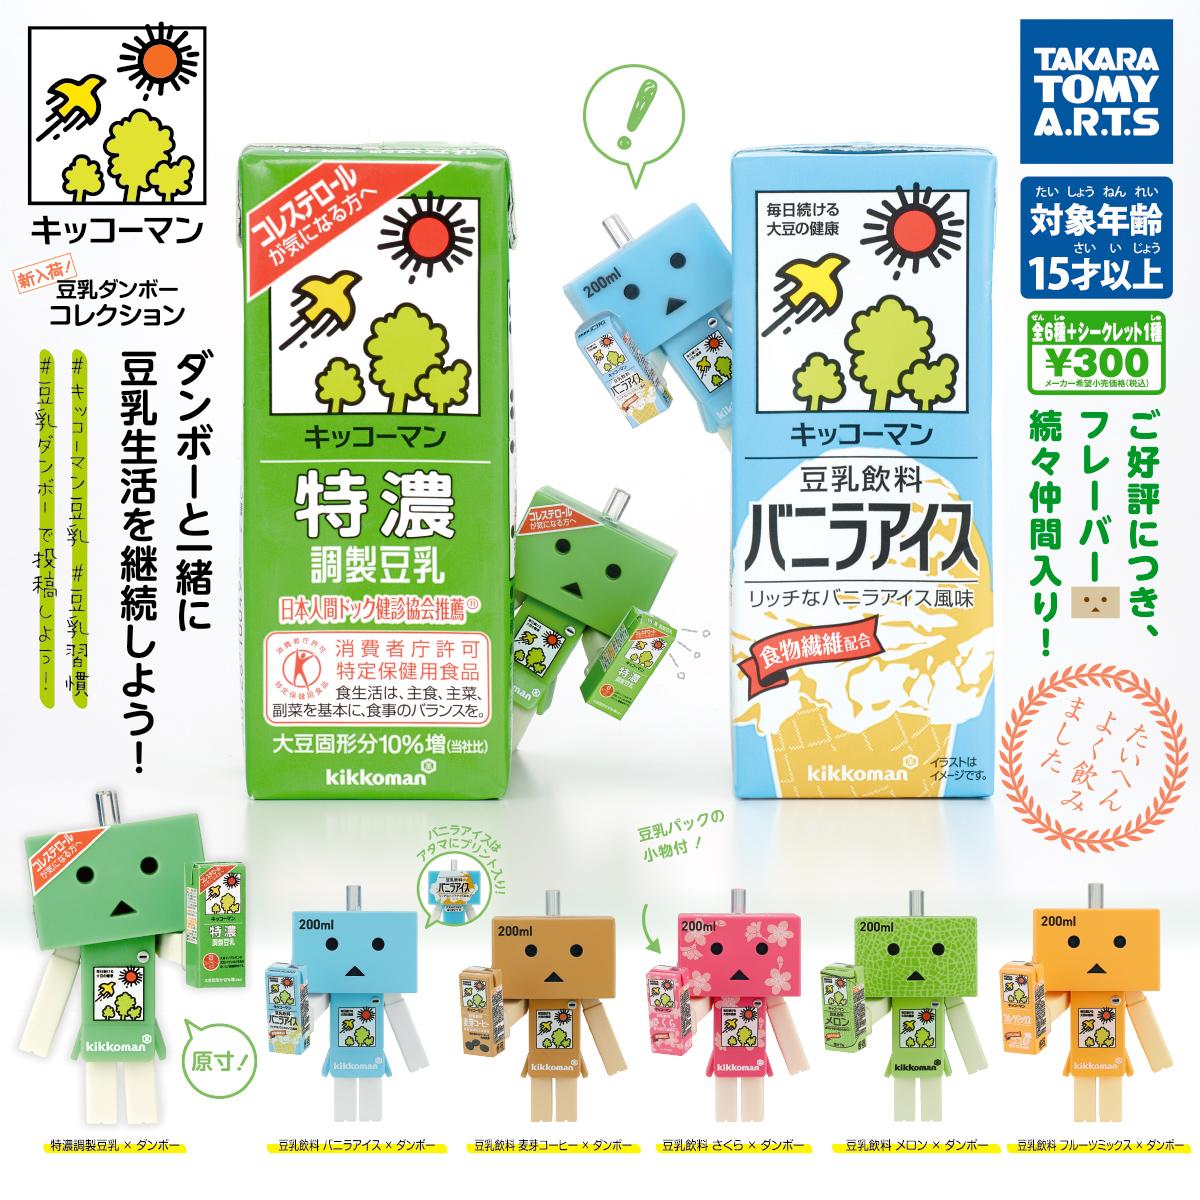 キッコーマン豆乳<BR>豆乳ダンボーコレクション 新入荷!